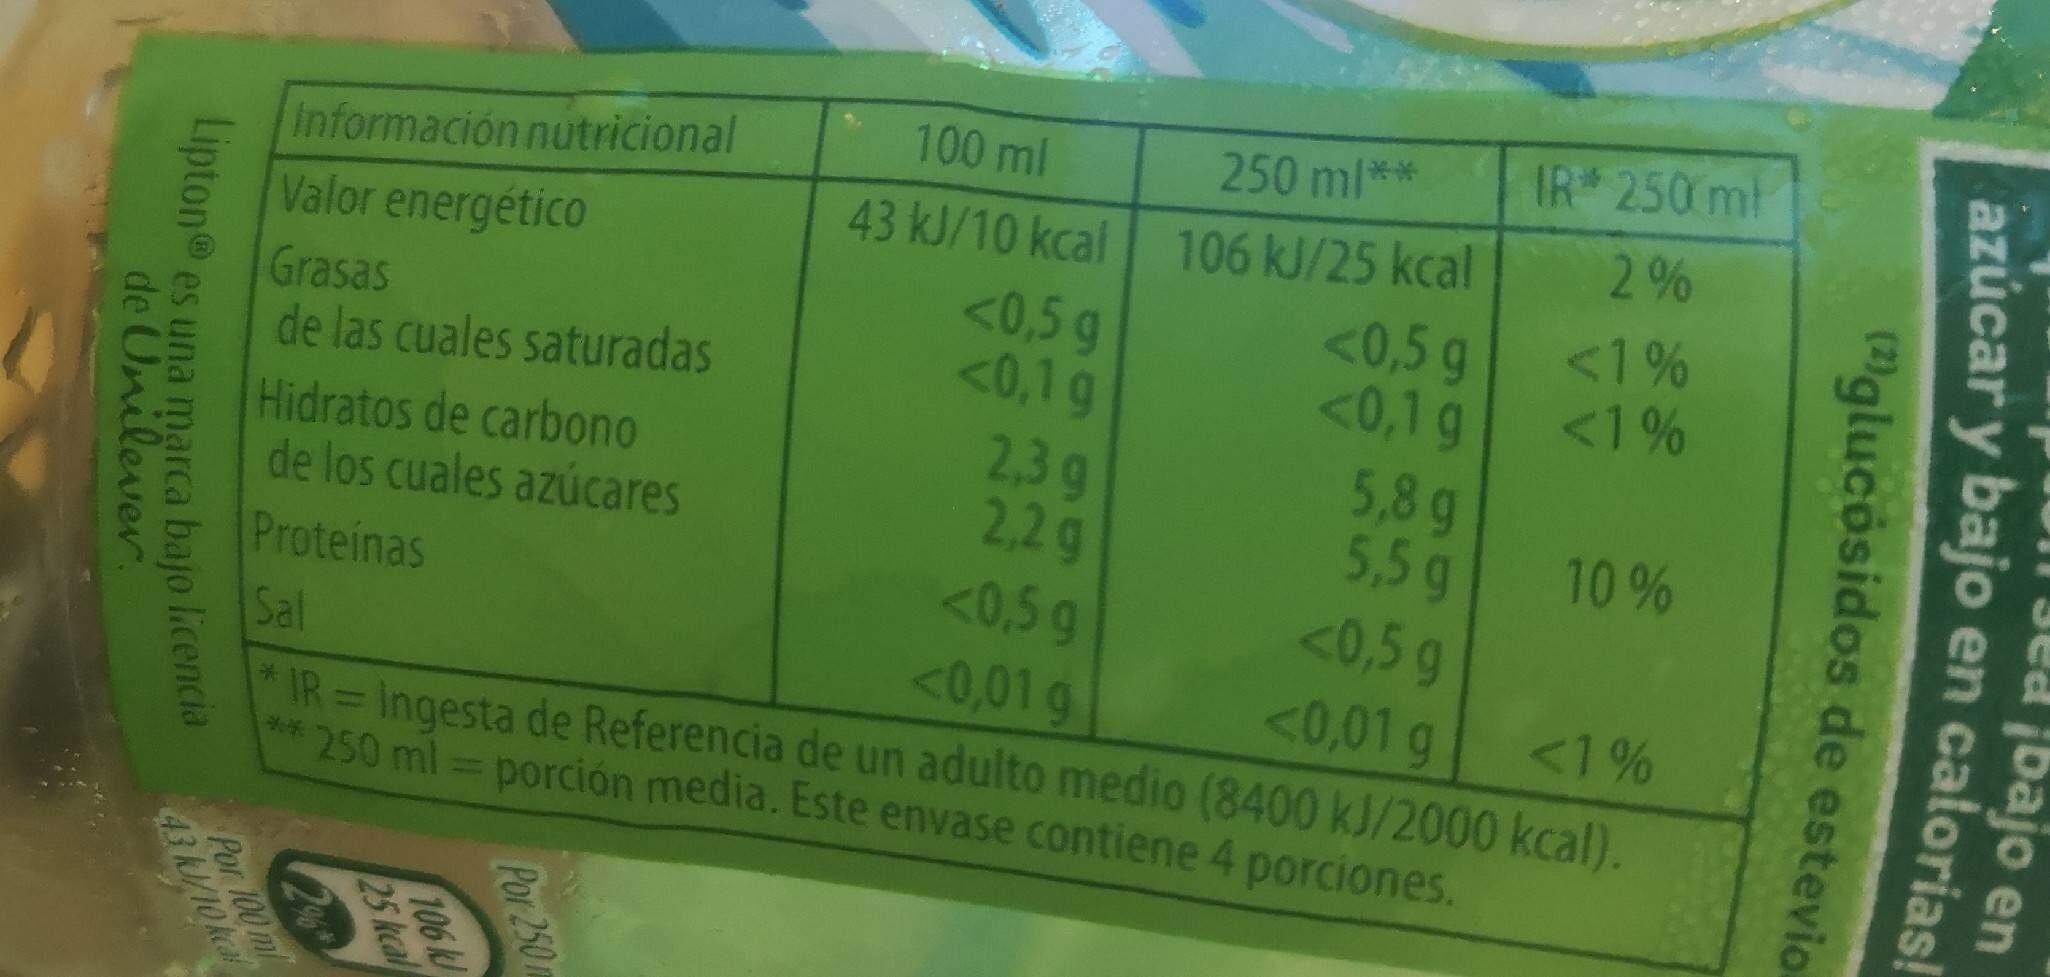 Refresco de té verde sabor a menta lima bajo calorías - Nutrition facts - fr